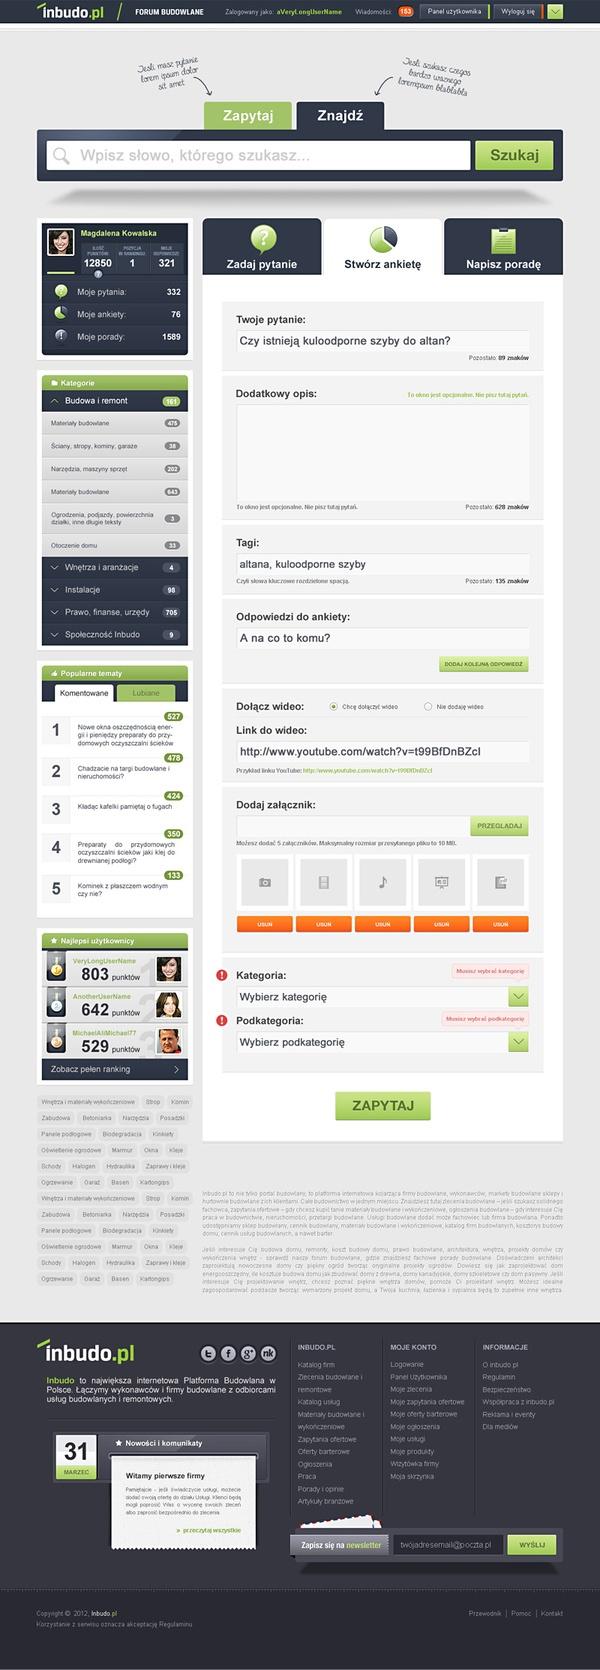 Inbudo.pl - forum budowlane by Rafal Krawczyk, via Behance